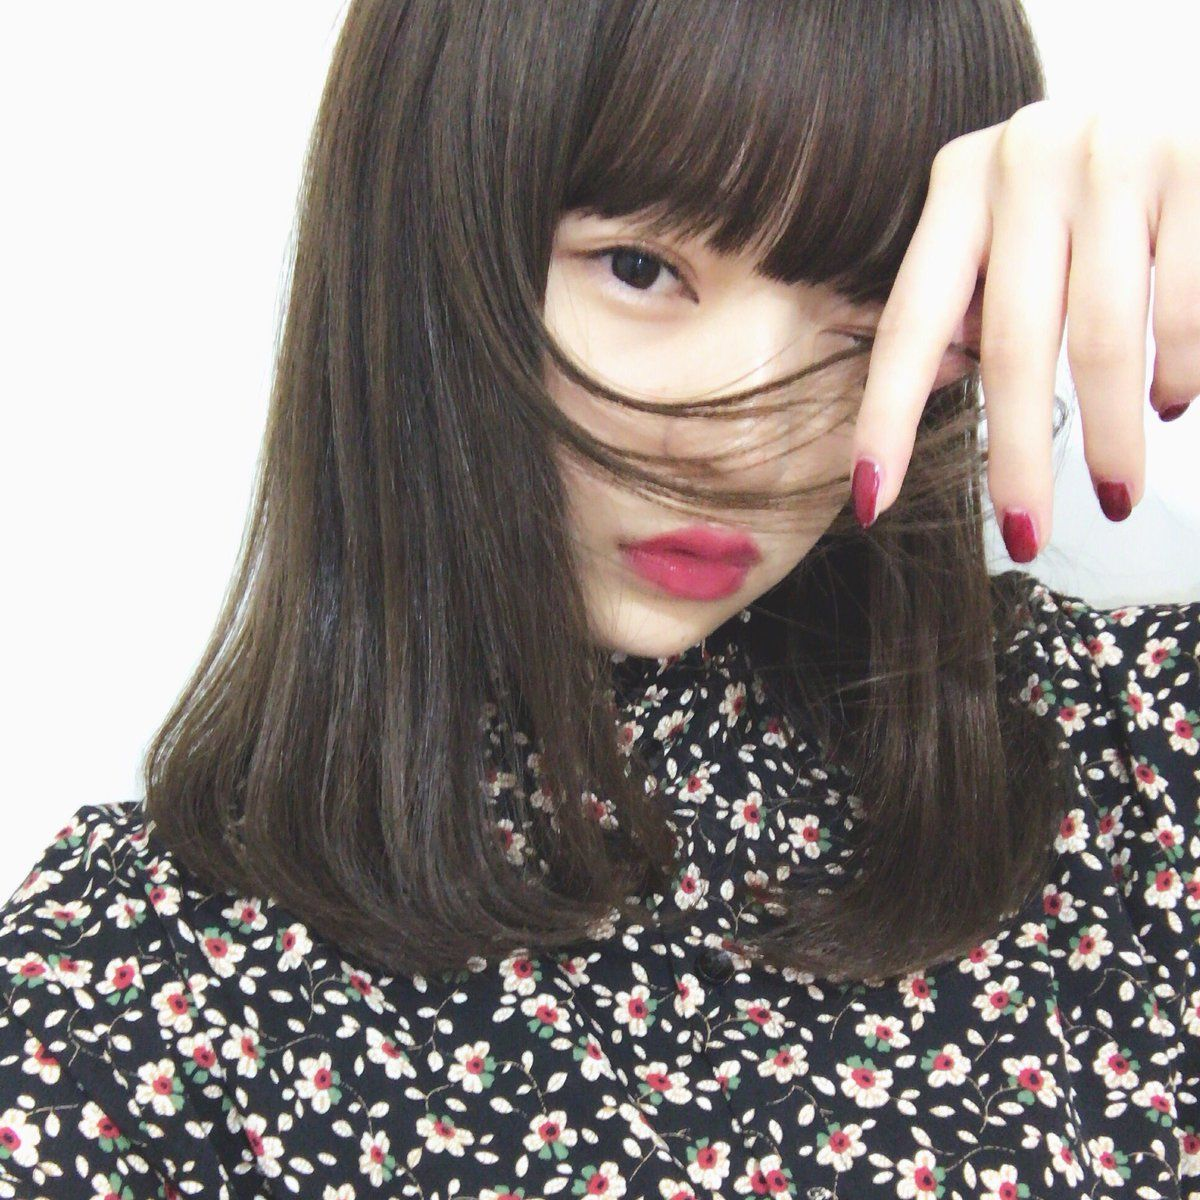 田中芽衣の画像 p1_2